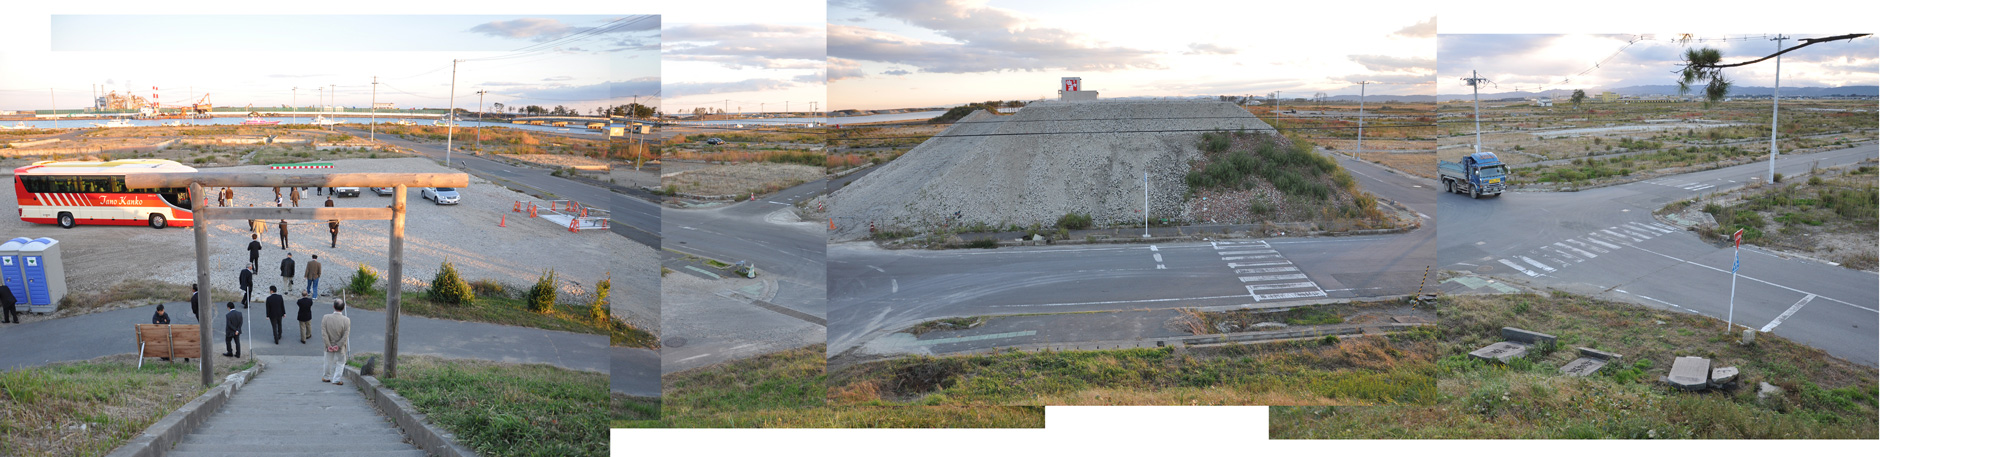 閖上日和山定点観測(東南東-西南西)2012年10月